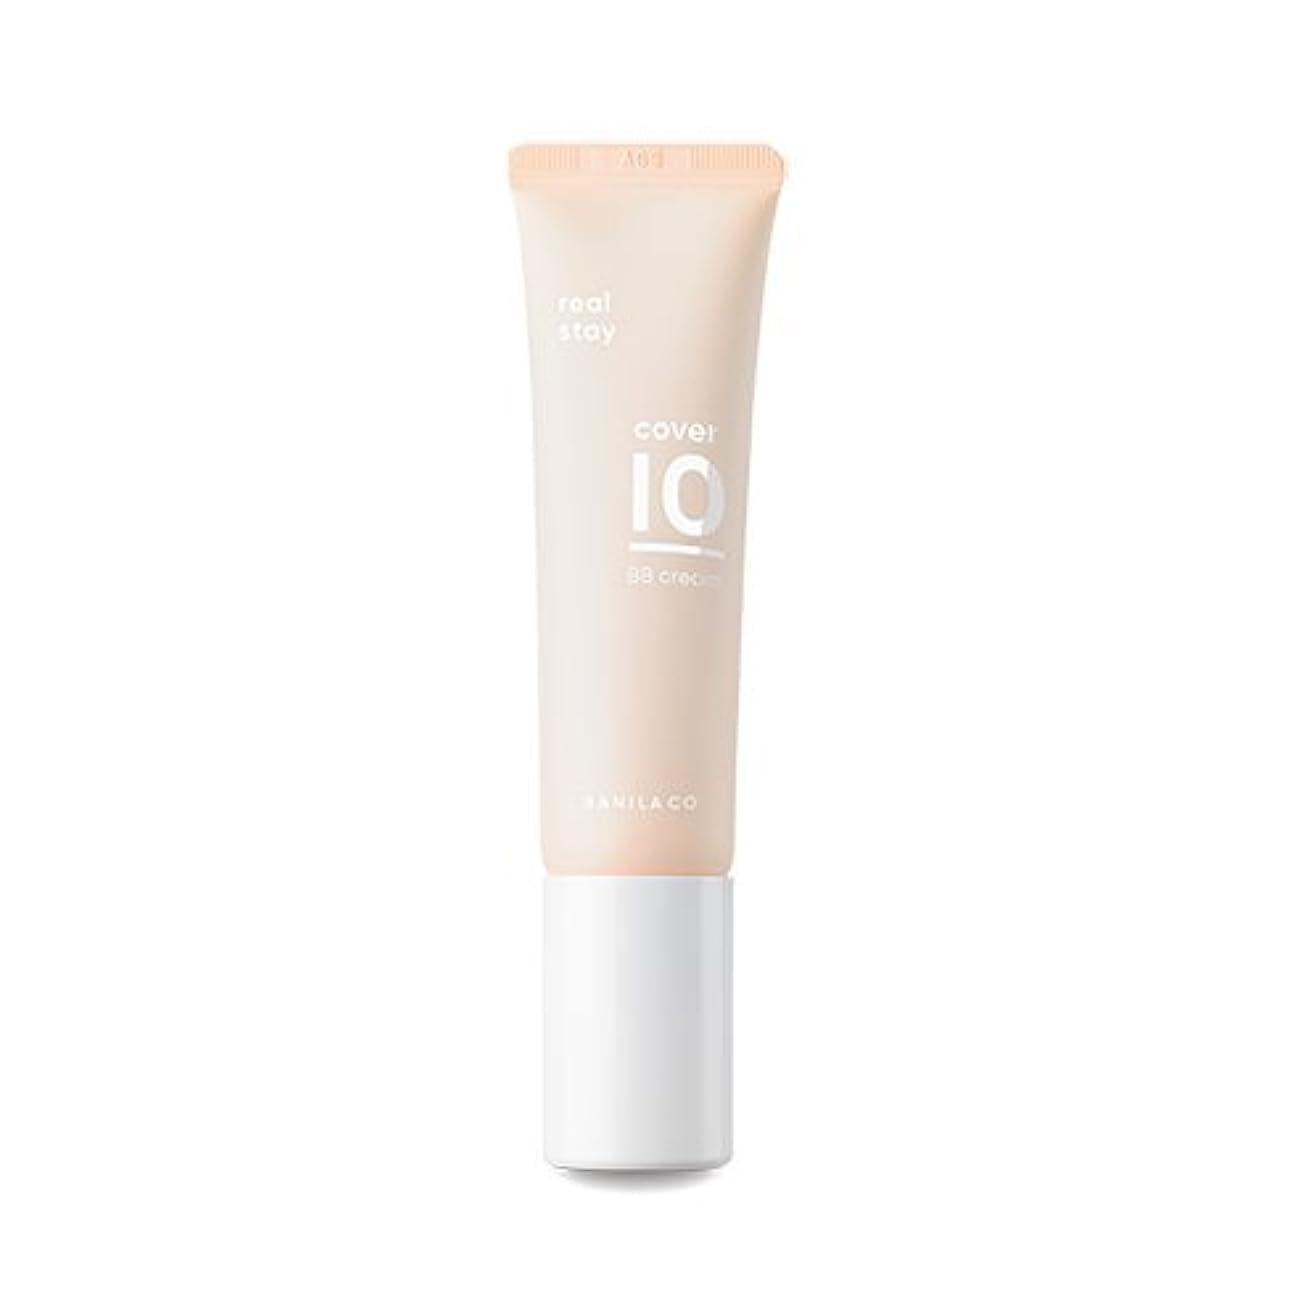 スポークスマン確率いいね[Renewal] BANILA CO Cover 10 Real Stay BB Cream 30ml/バニラコ カバー 10 リアル ステイ BBクリーム 30ml (#Natural Beige) [並行輸入品]